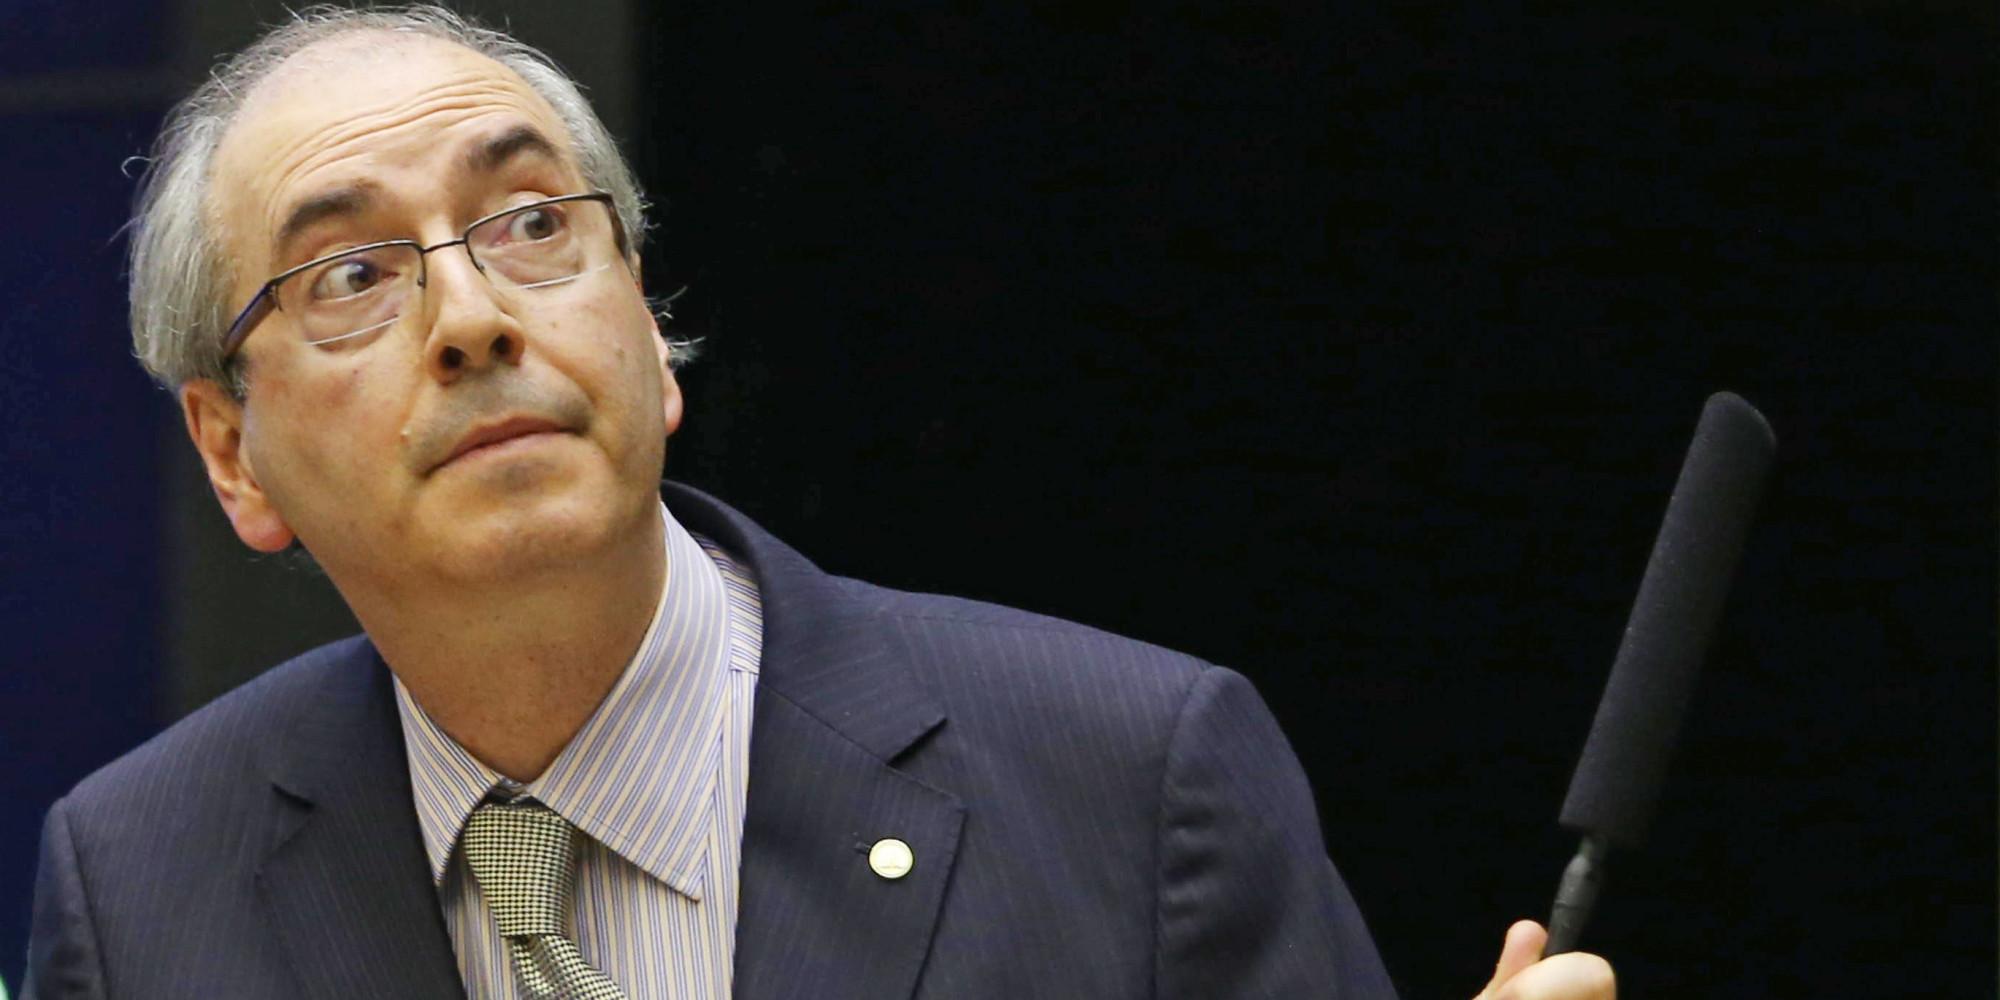 Eduardo Cunha é pressionado por parlamentares para explicar contas secretas na Suiça